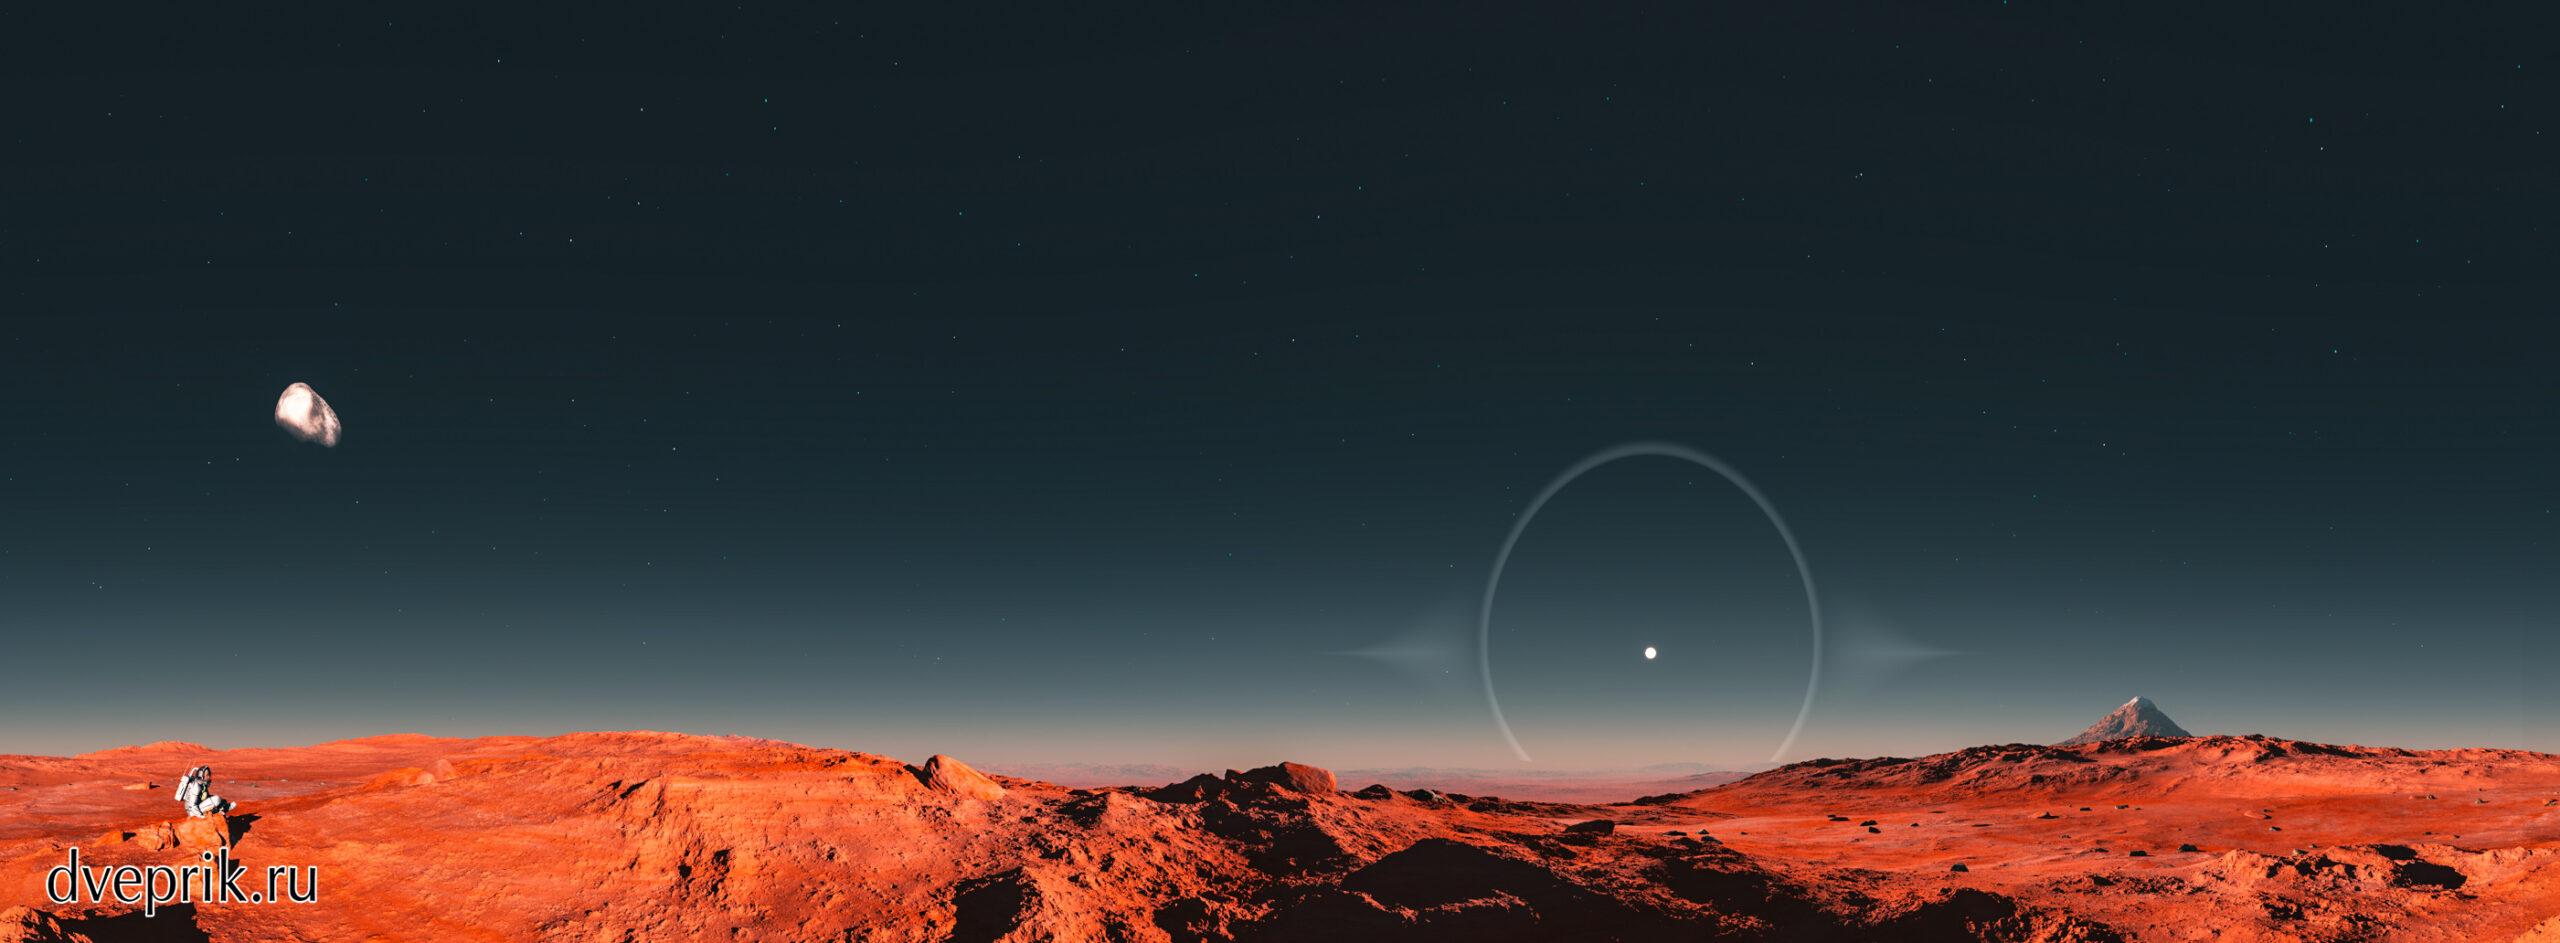 360-градусная марсианская панорама с одиноко сидящим астронавтом